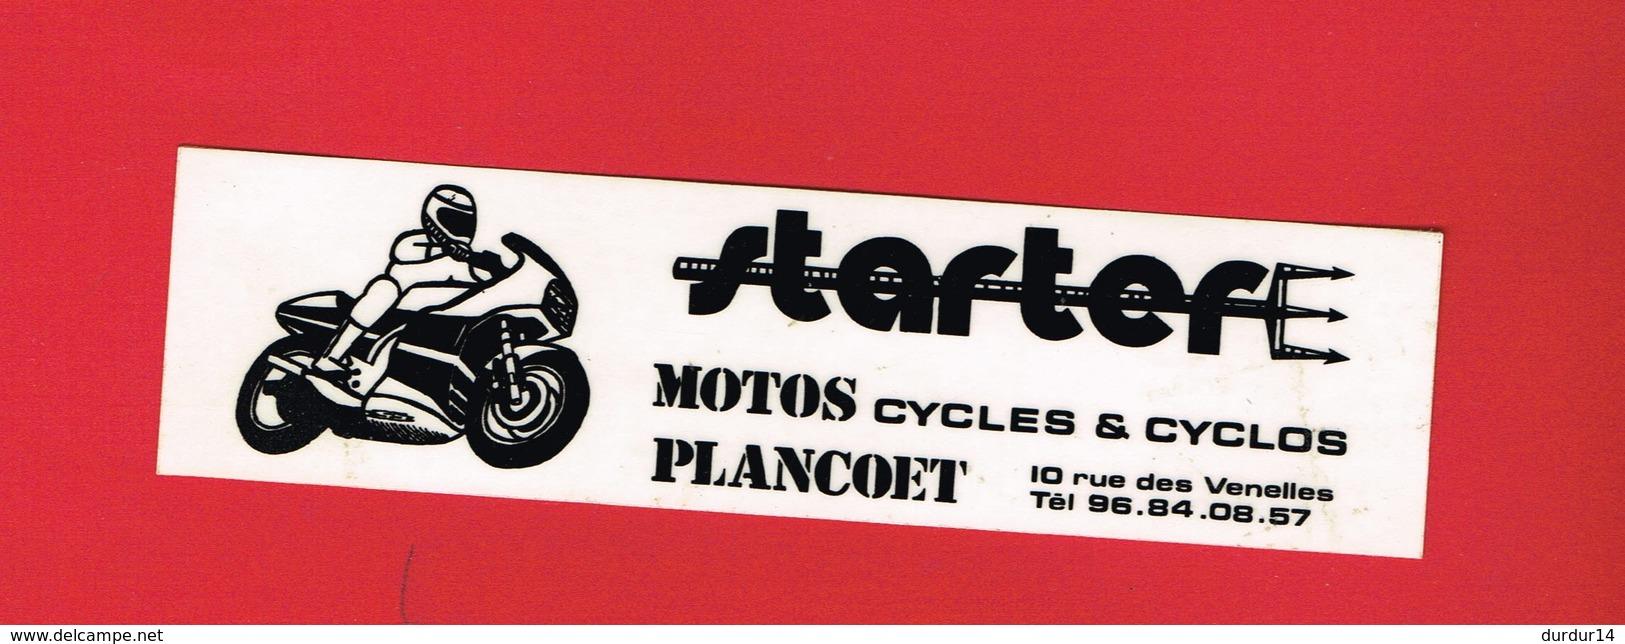 1 Autocollant MOTO CYCLES 10 Rue Des Venelles PLANCOET - Autocollants